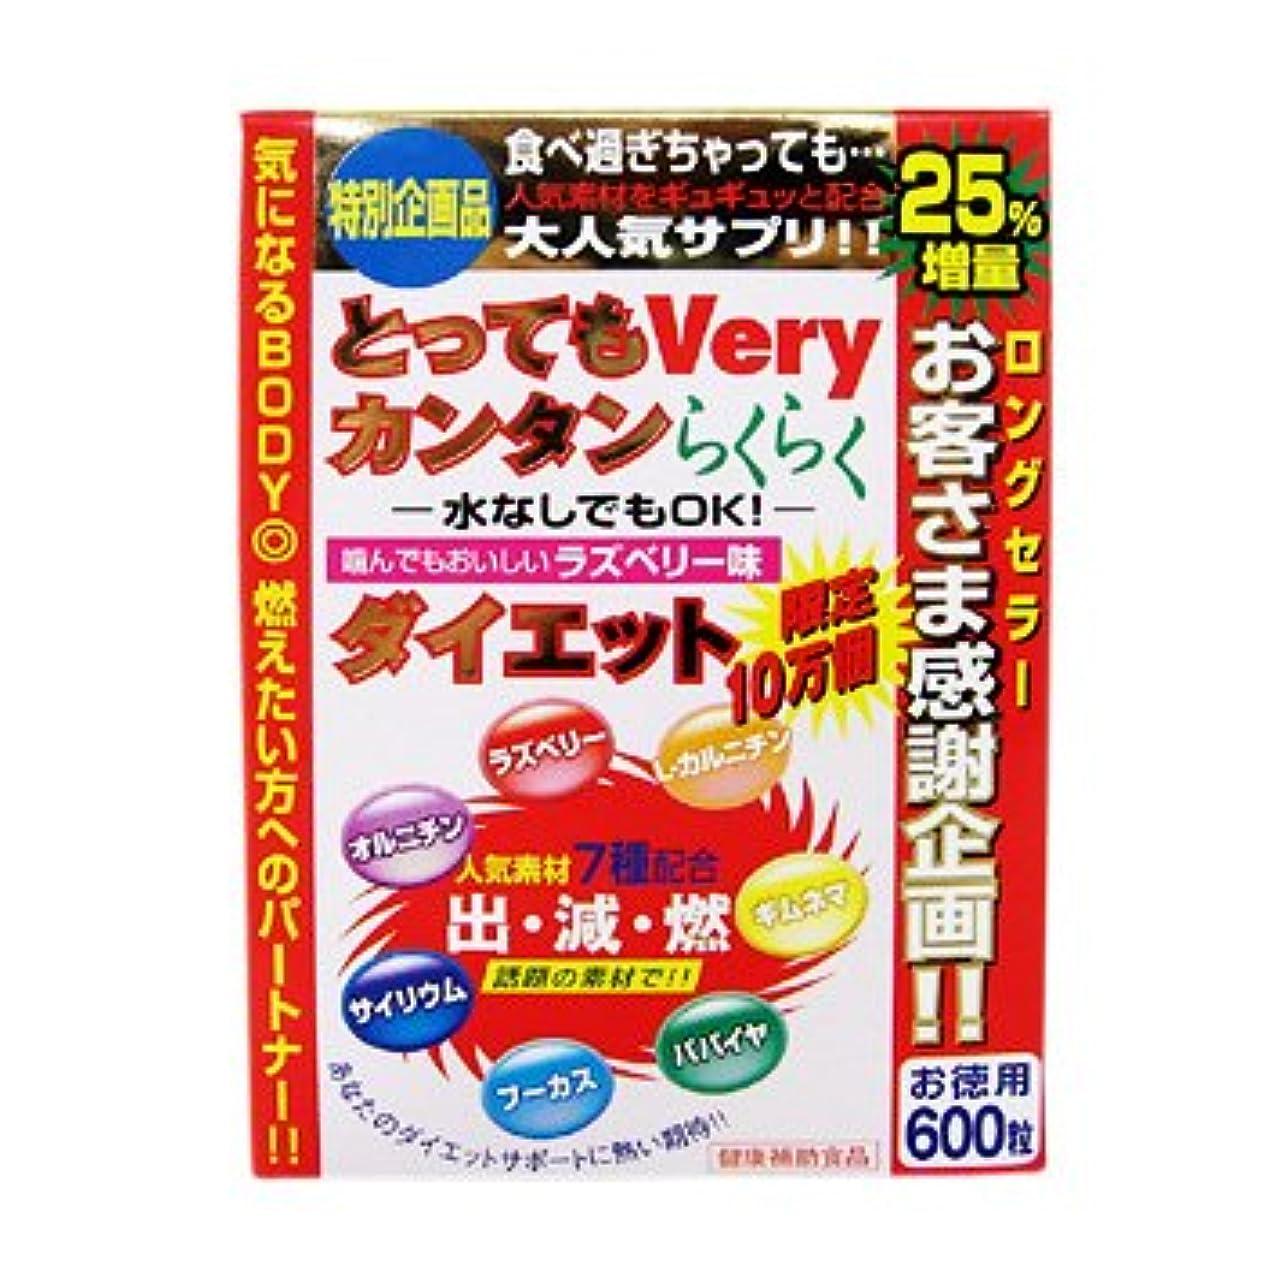 ソケットオープナーペレグリネーションジャパンギャルズ とってもVery カンタンらくらくダイエット お徳用 600粒 とってもベリー×10個セット